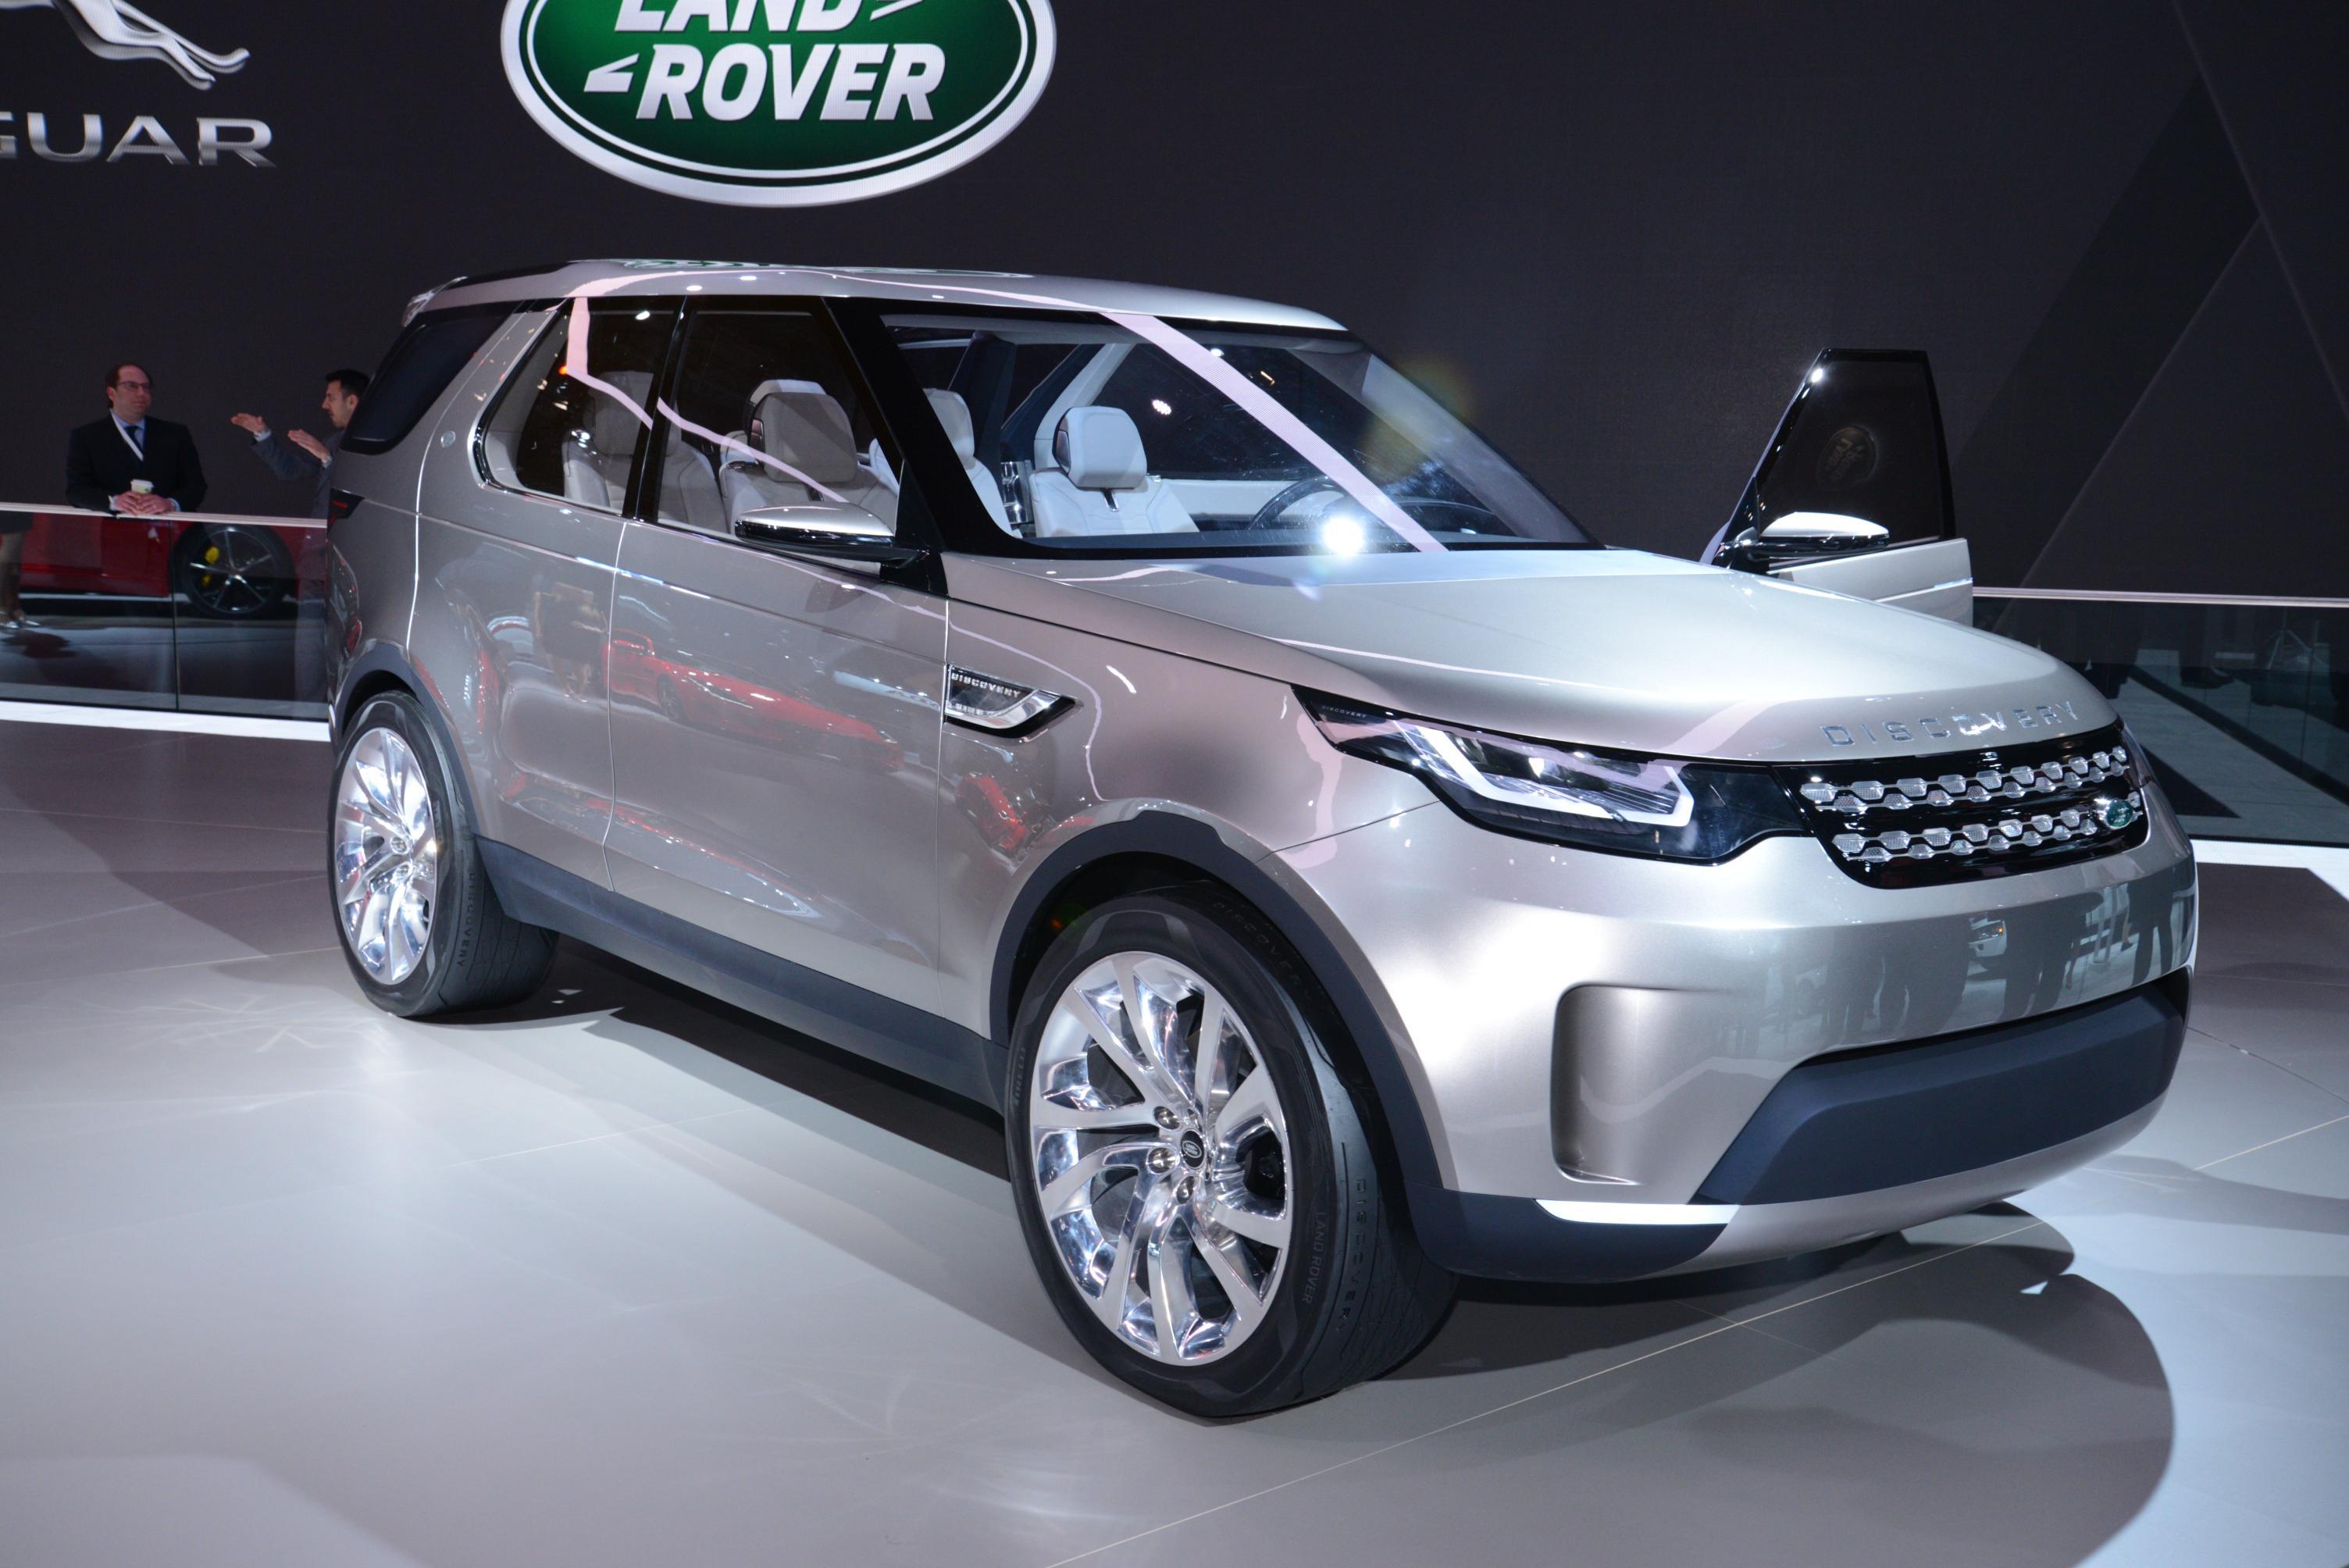 Ну, а пока британский автомобильный бренд порадовал первым официальным изображением внедорожника discovery нового